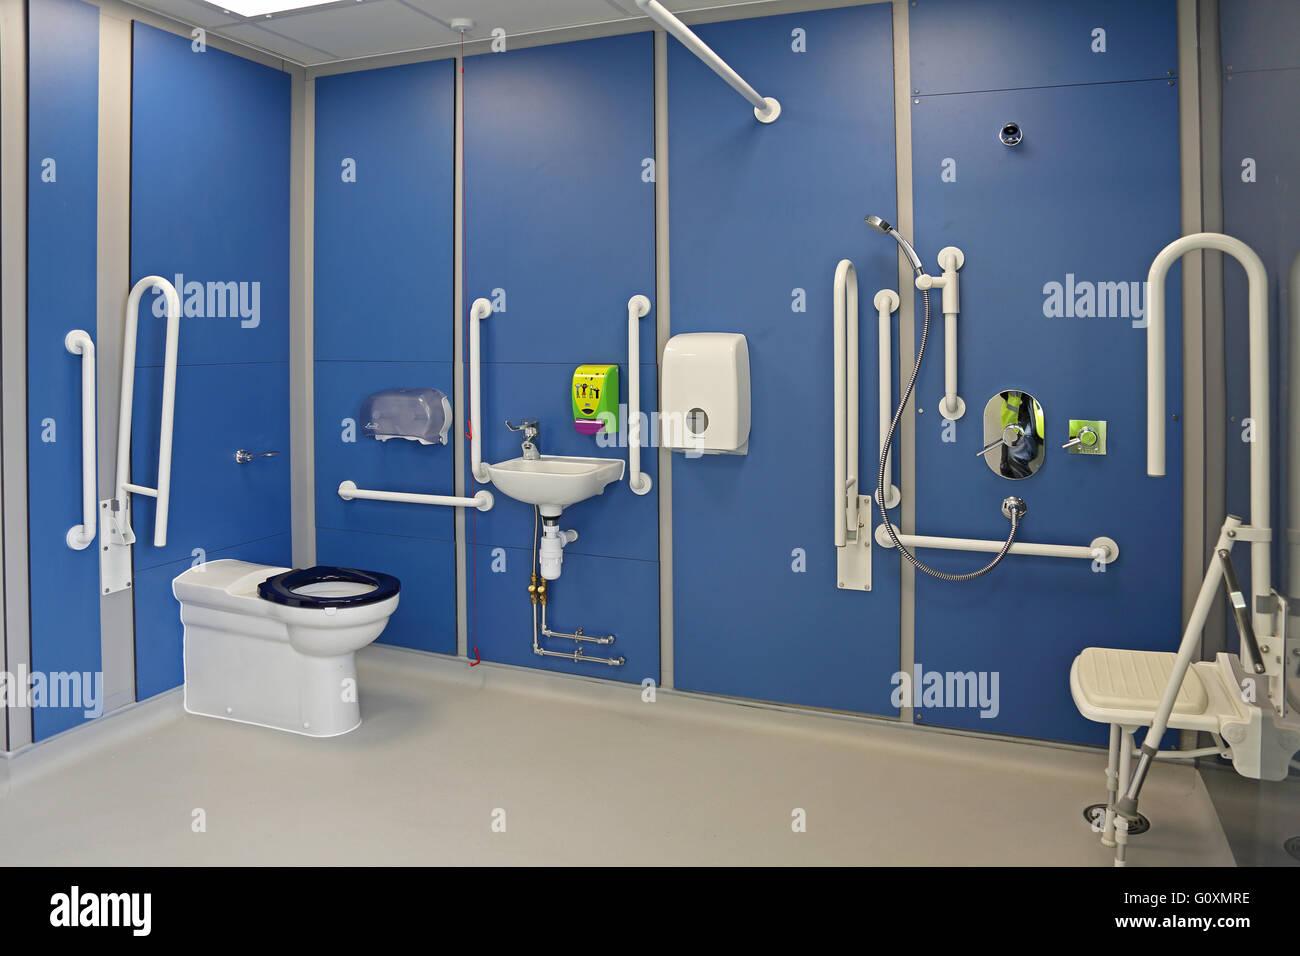 Une Salle De Douche Et Toilettes Pour Handicaps Dans Cole Primaire New London Les Rails Support Montre Sige Matriel